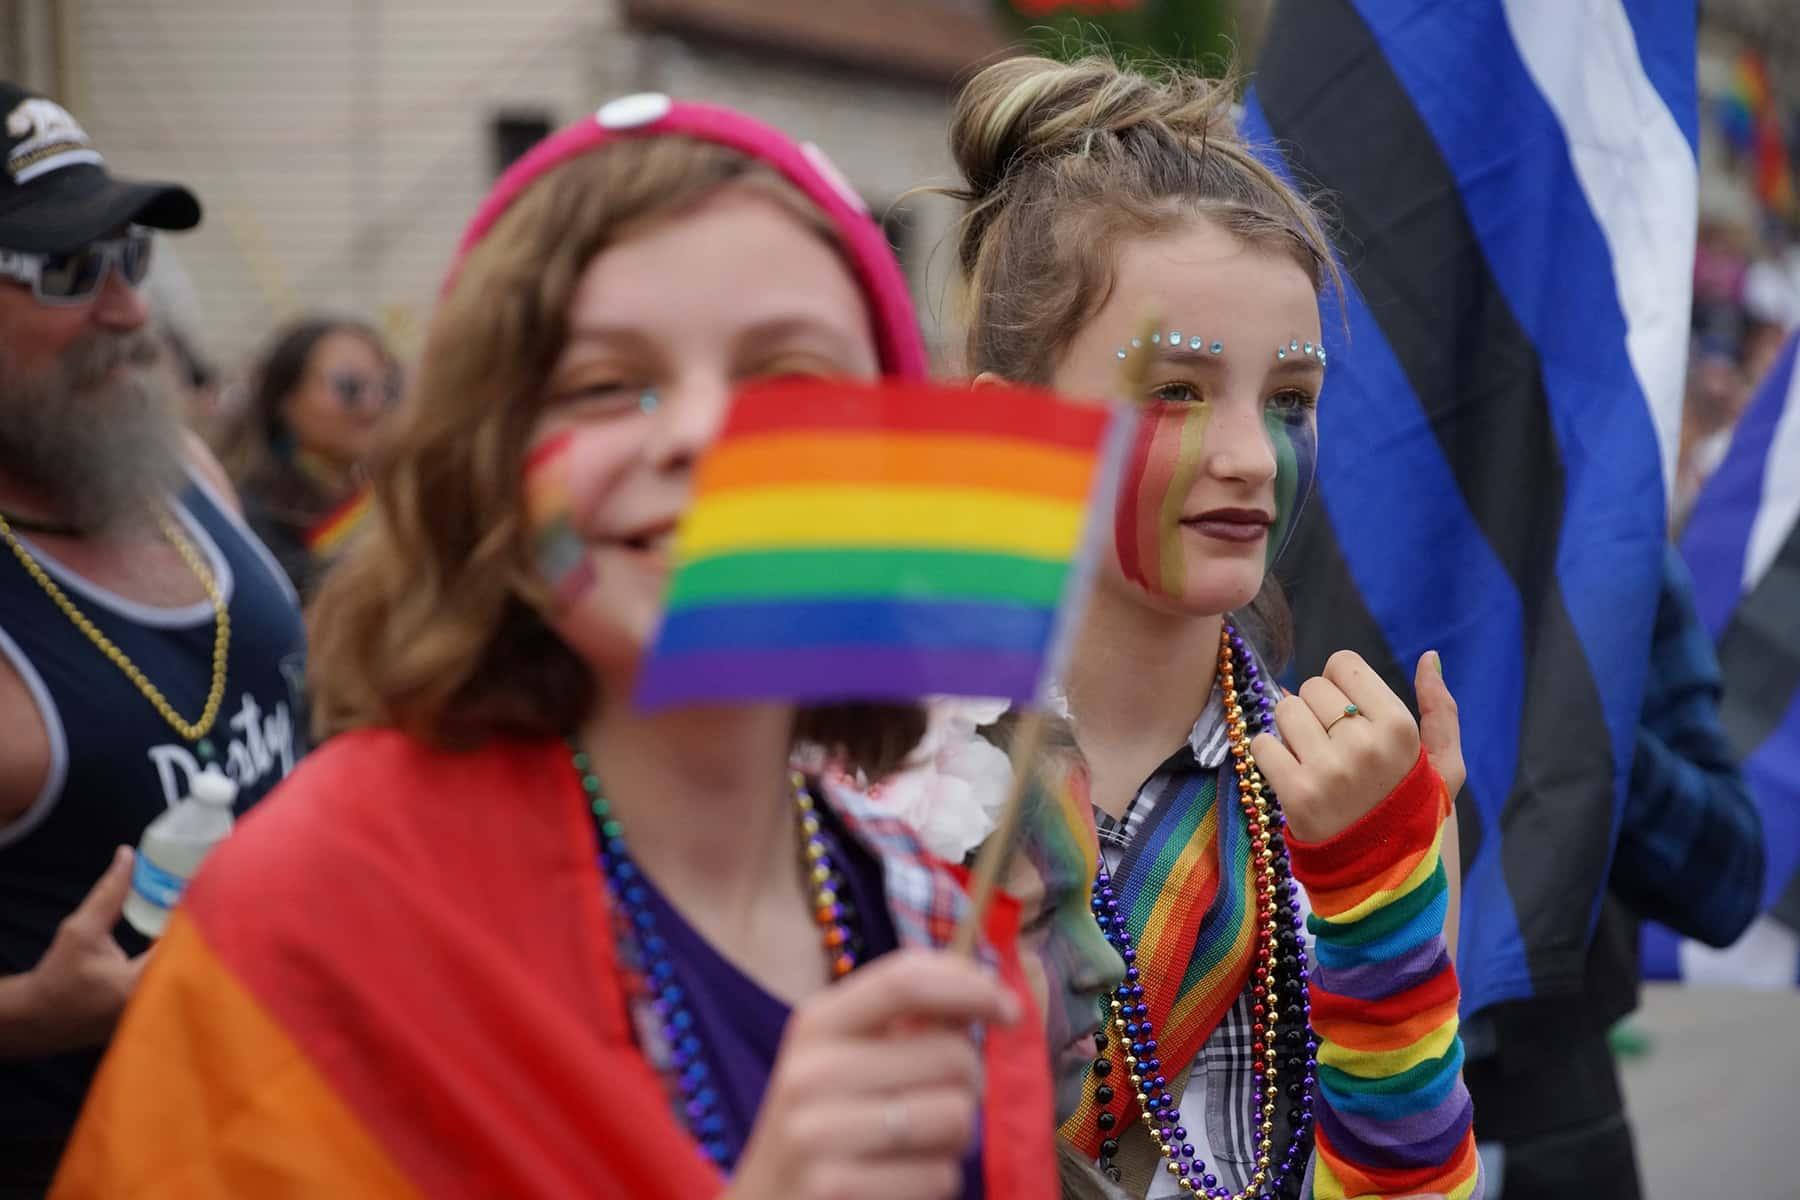 07_060919_pride2019parade_2584